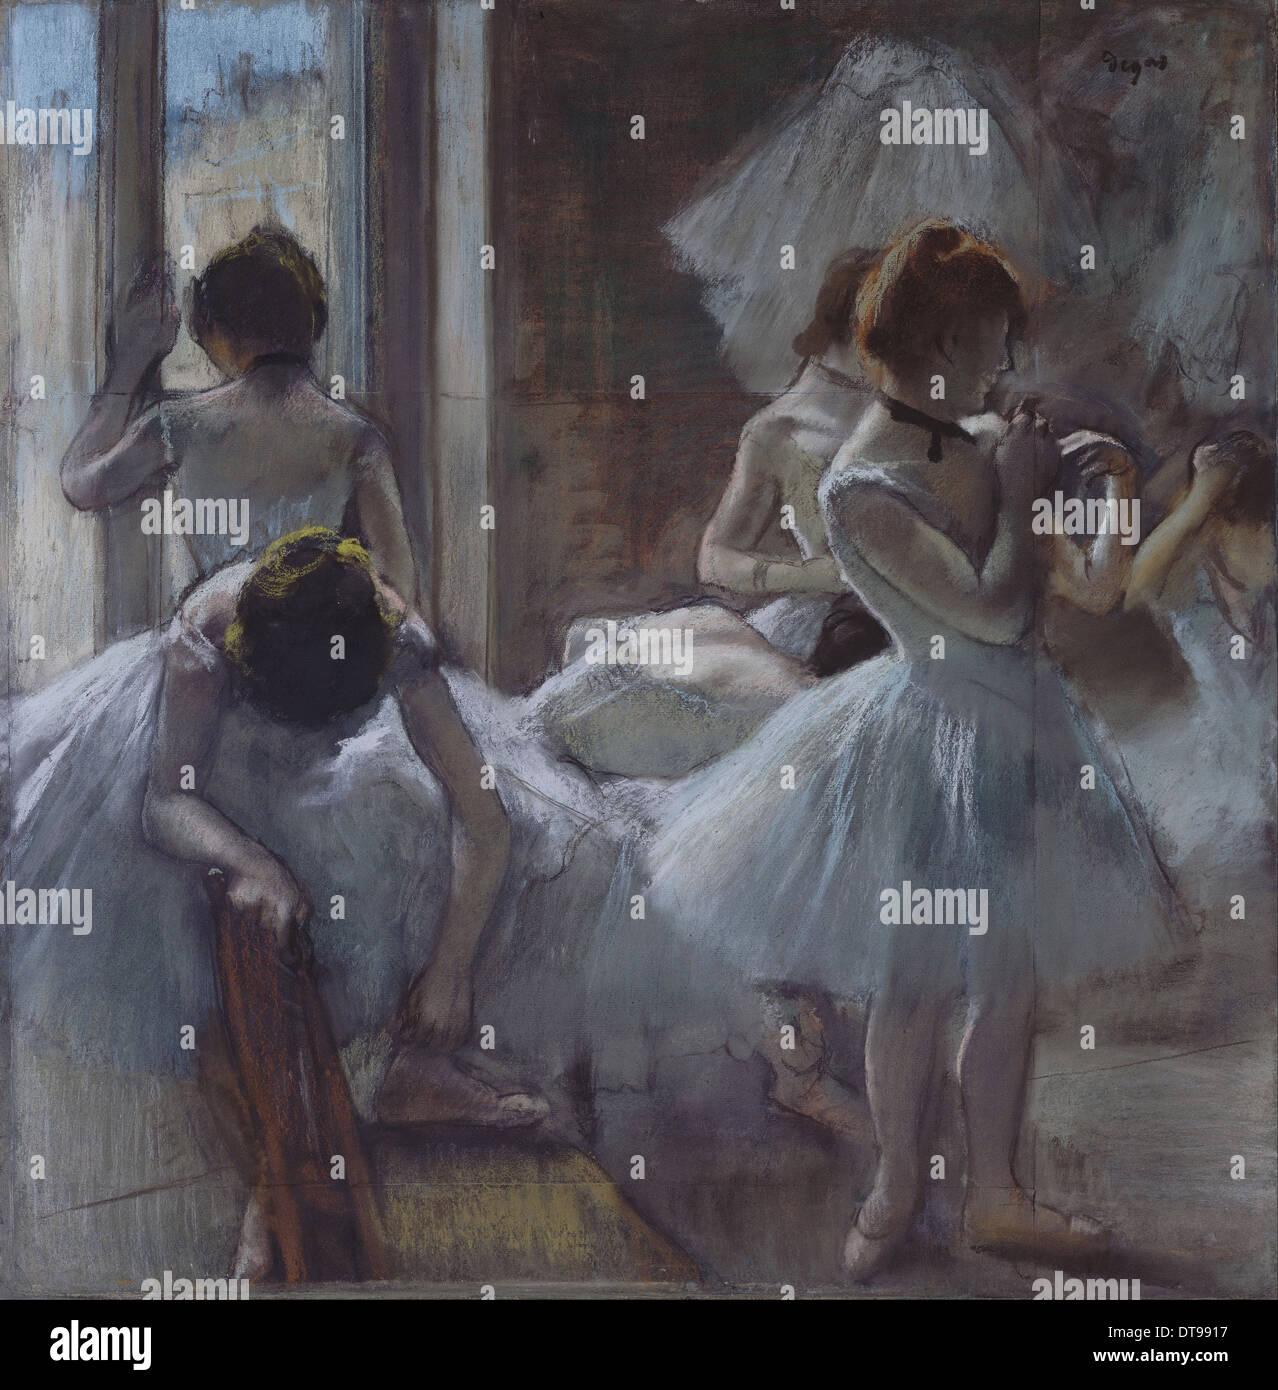 Dancers (Danseuses), 1884-1885. Artist: Degas, Edgar (1834-1917) - Stock Image